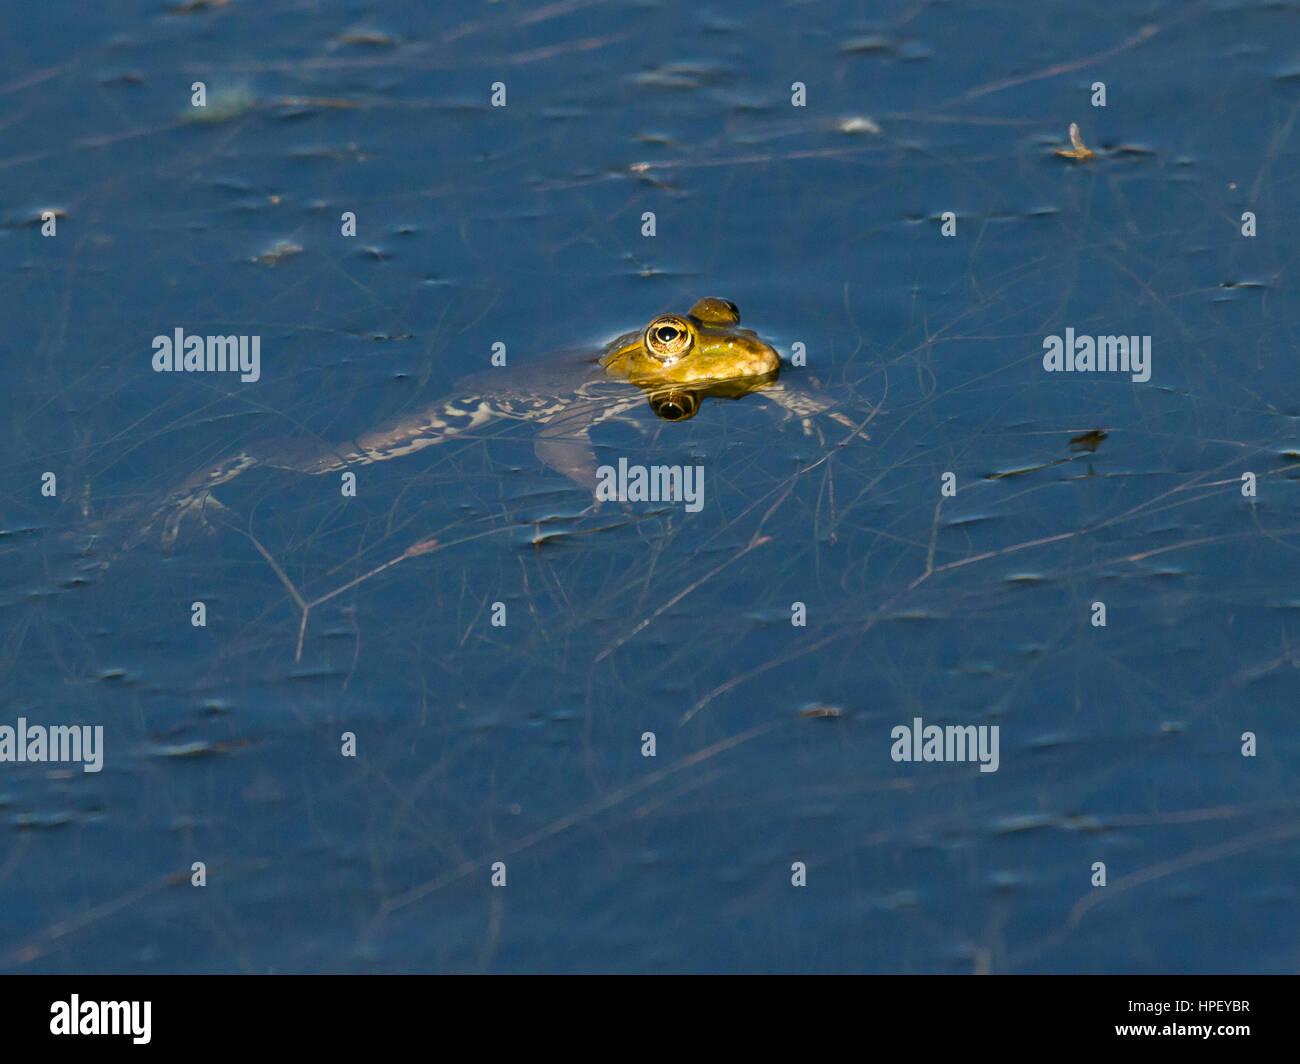 common water frog, Pelophylax kl. esculentus Pelophylax 'esculentus' or Rana 'esculenta', Rosenheim - Stock Image